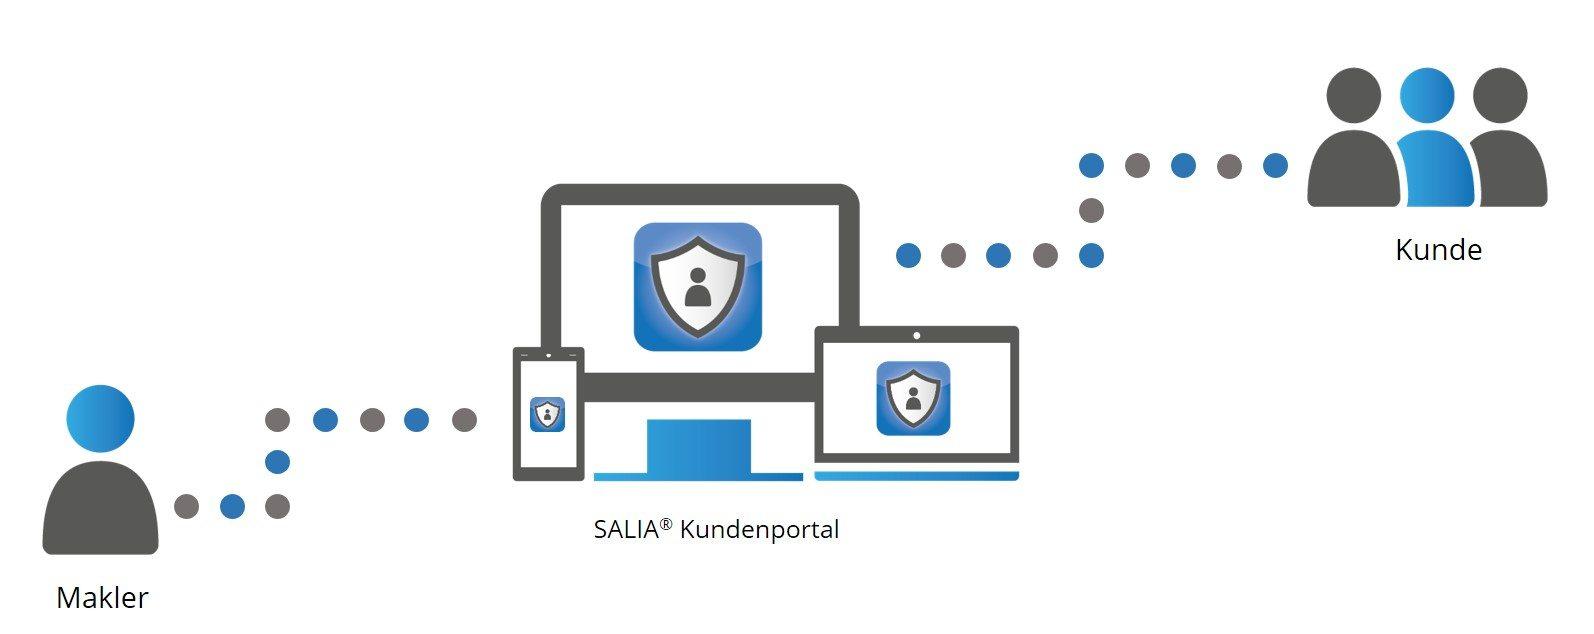 Schema SALIA Kundenportal